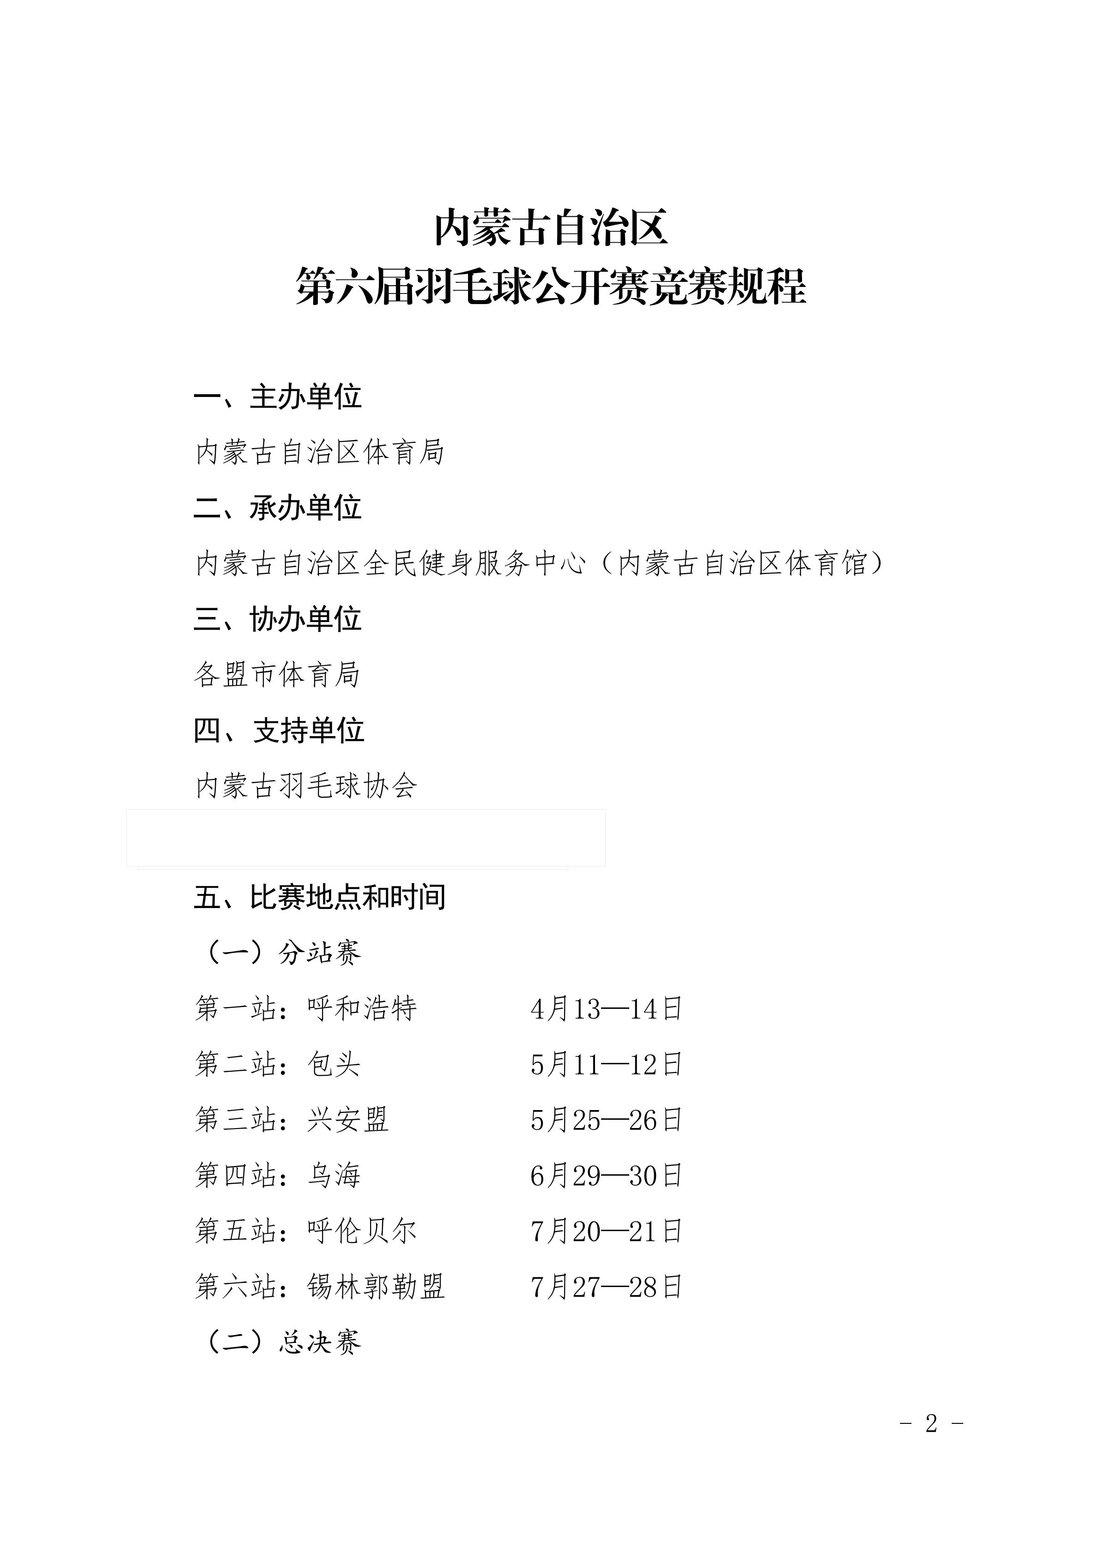 第六届羽毛球公开赛竞赛规程_01.jpg